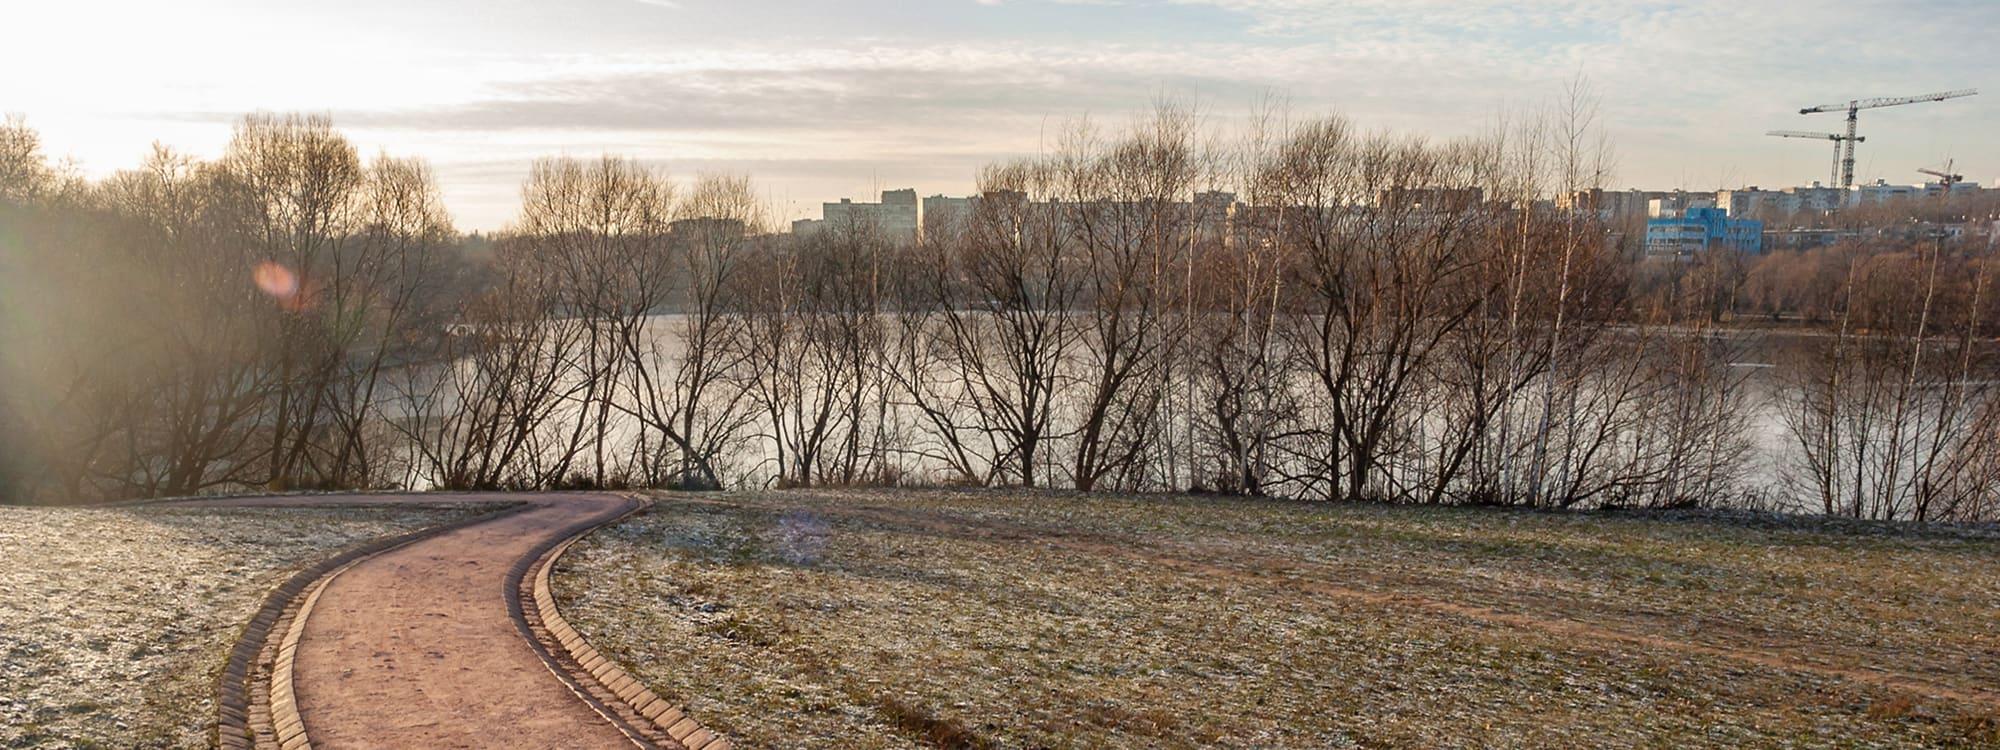 Нижний Царицынский пруд. Дорожки